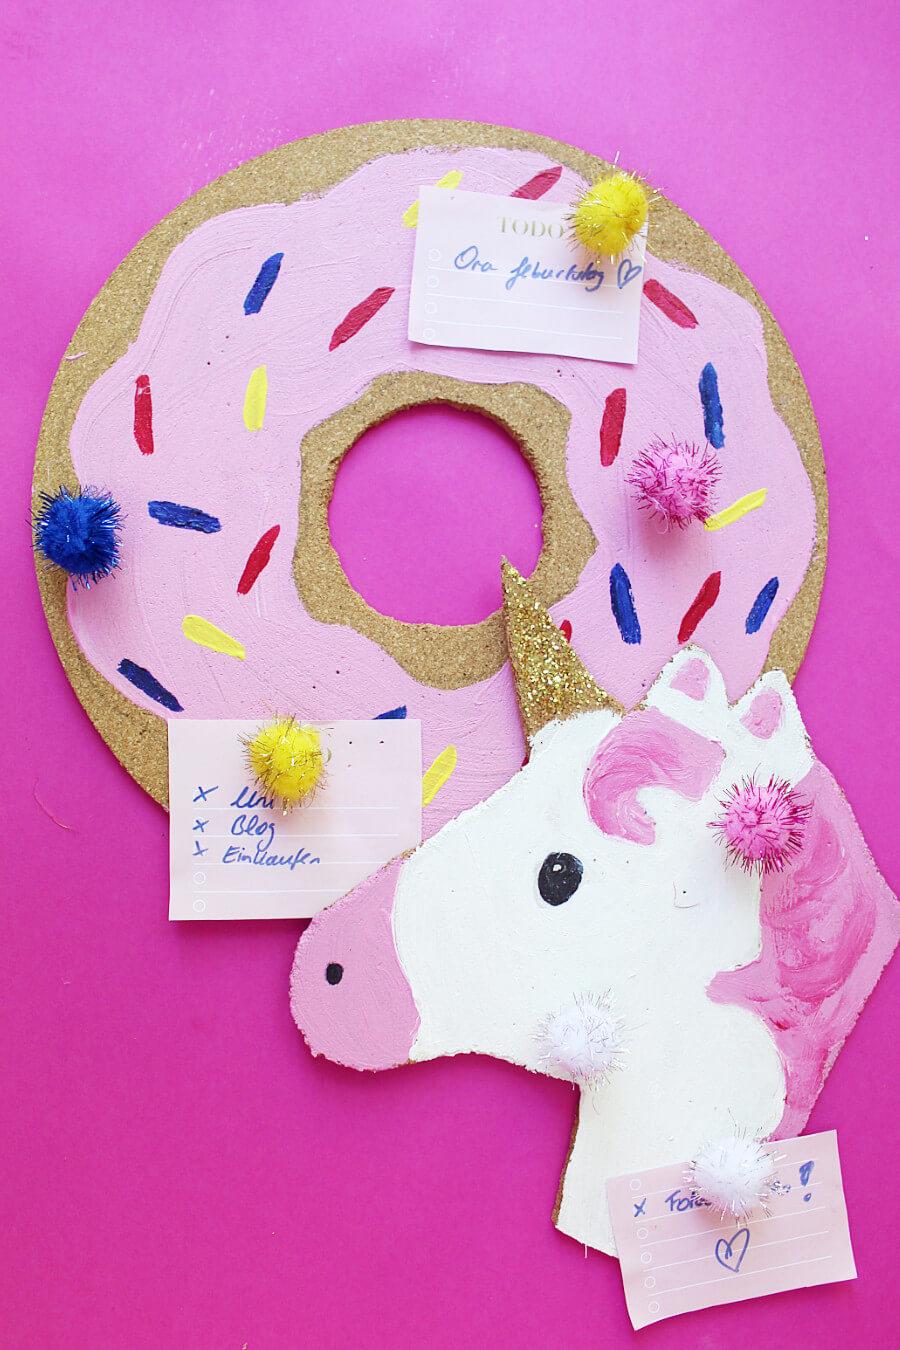 diy pinnwand f r den schreibtisch selber machen donut. Black Bedroom Furniture Sets. Home Design Ideas